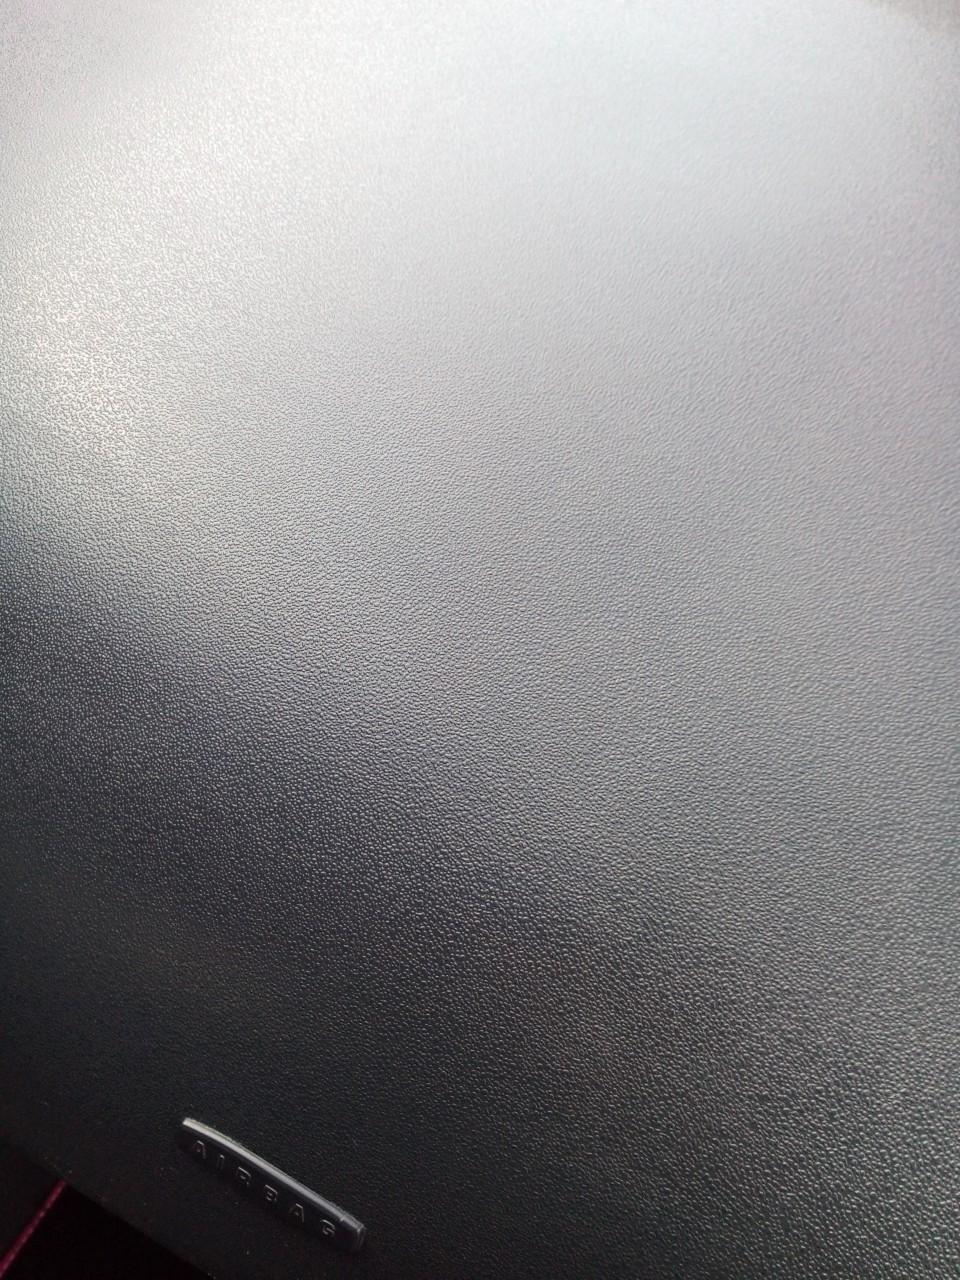 kokpit.jpg.aba6af486badf8b836365ee115f2a44d.jpg